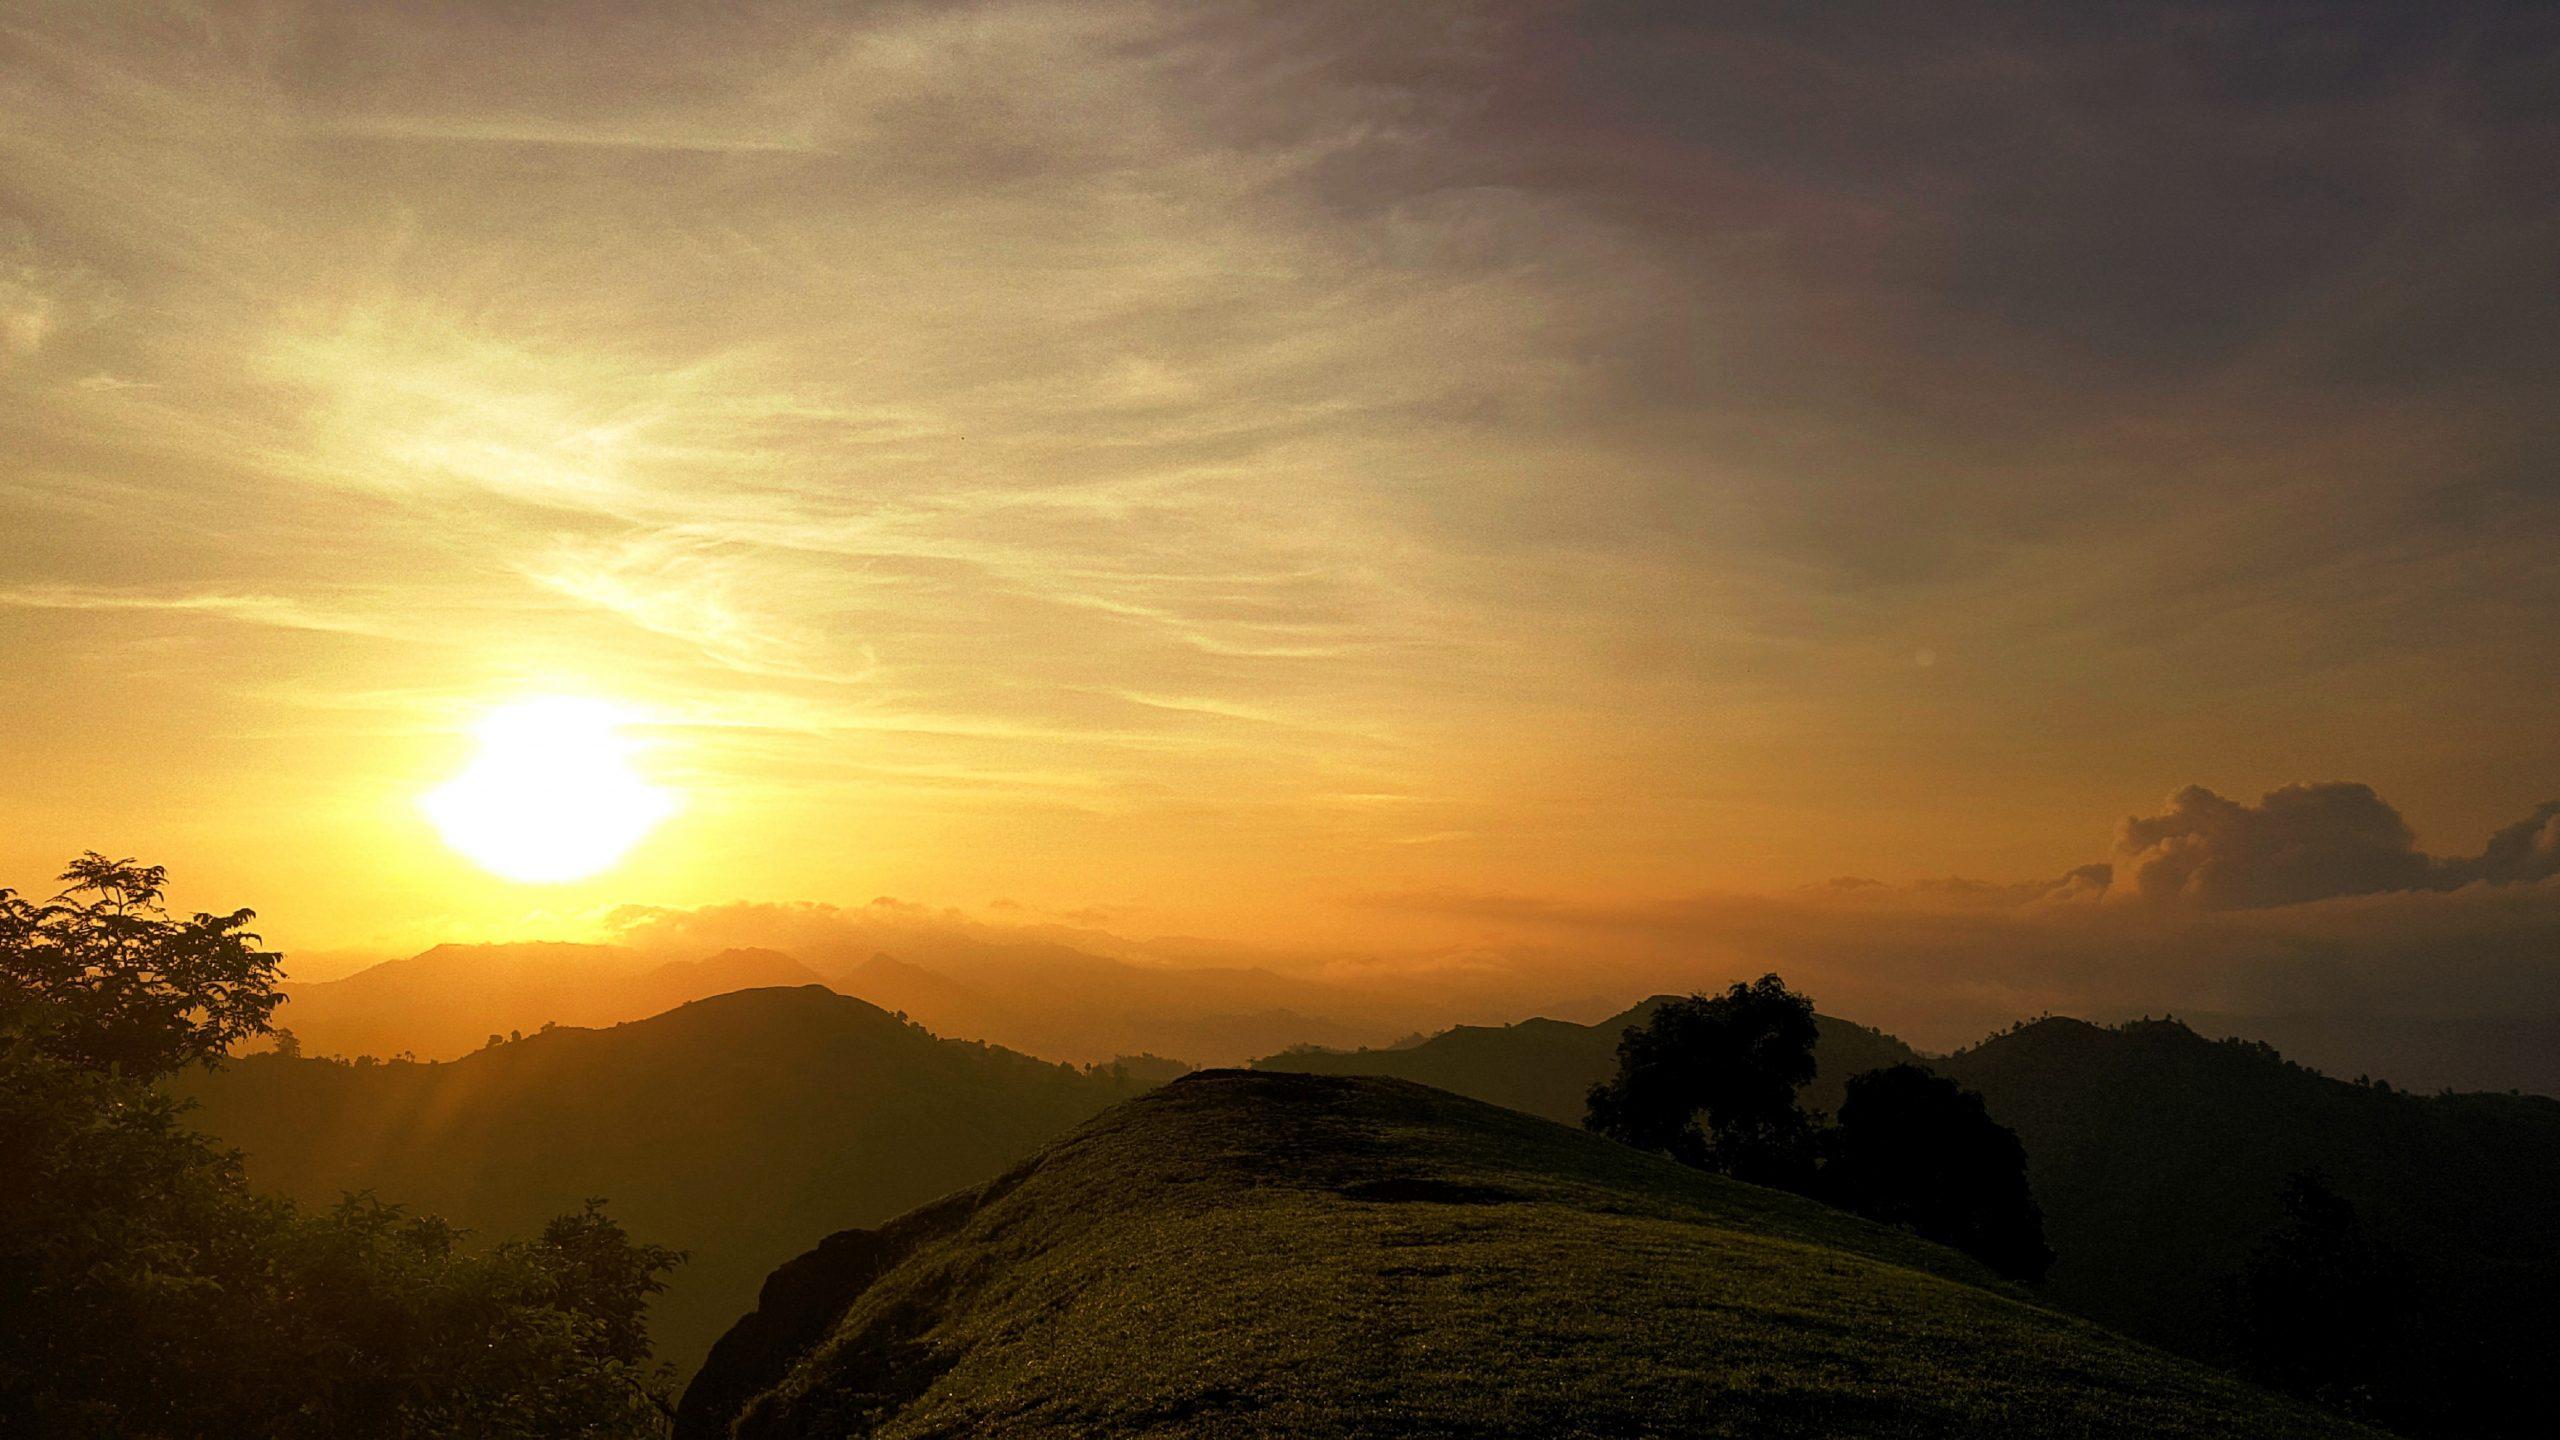 Sun shining on mountains